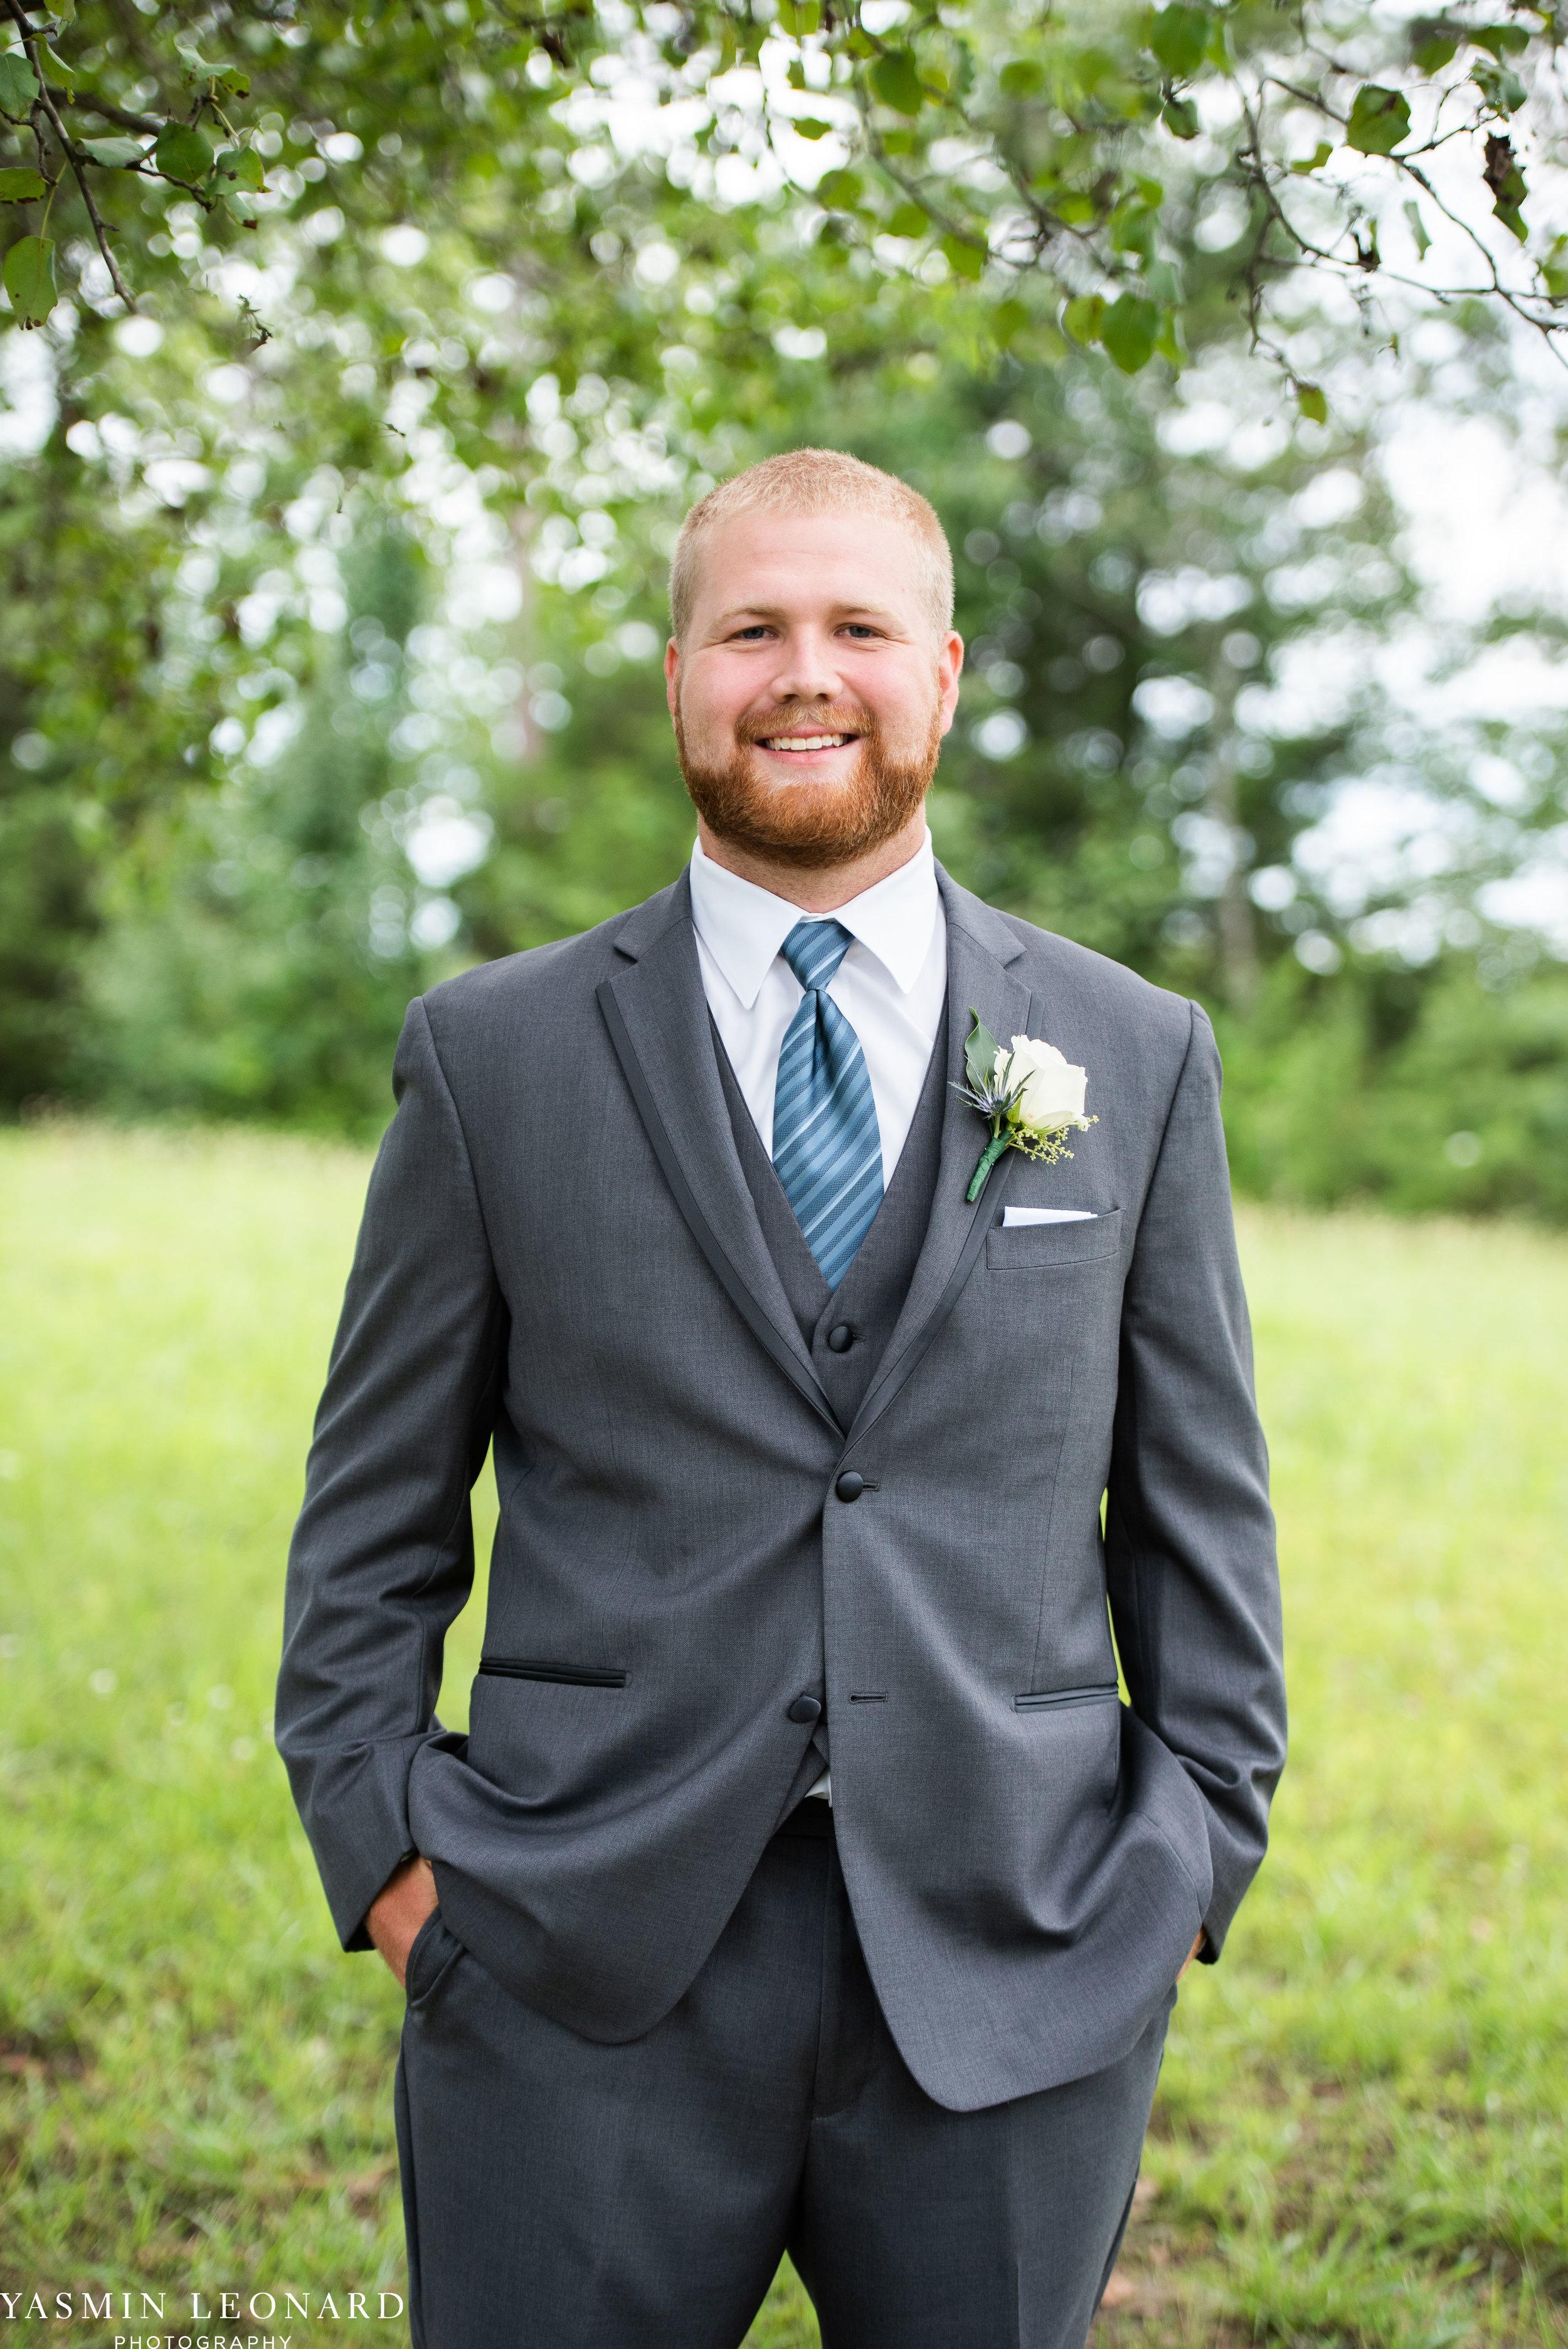 Mt. Pleasant Church - Church Wedding - Traditional Wedding - Church Ceremony - Country Wedding - Godly Wedding - NC Wedding Photographer - High Point Weddings - Triad Weddings - NC Venues-11.jpg